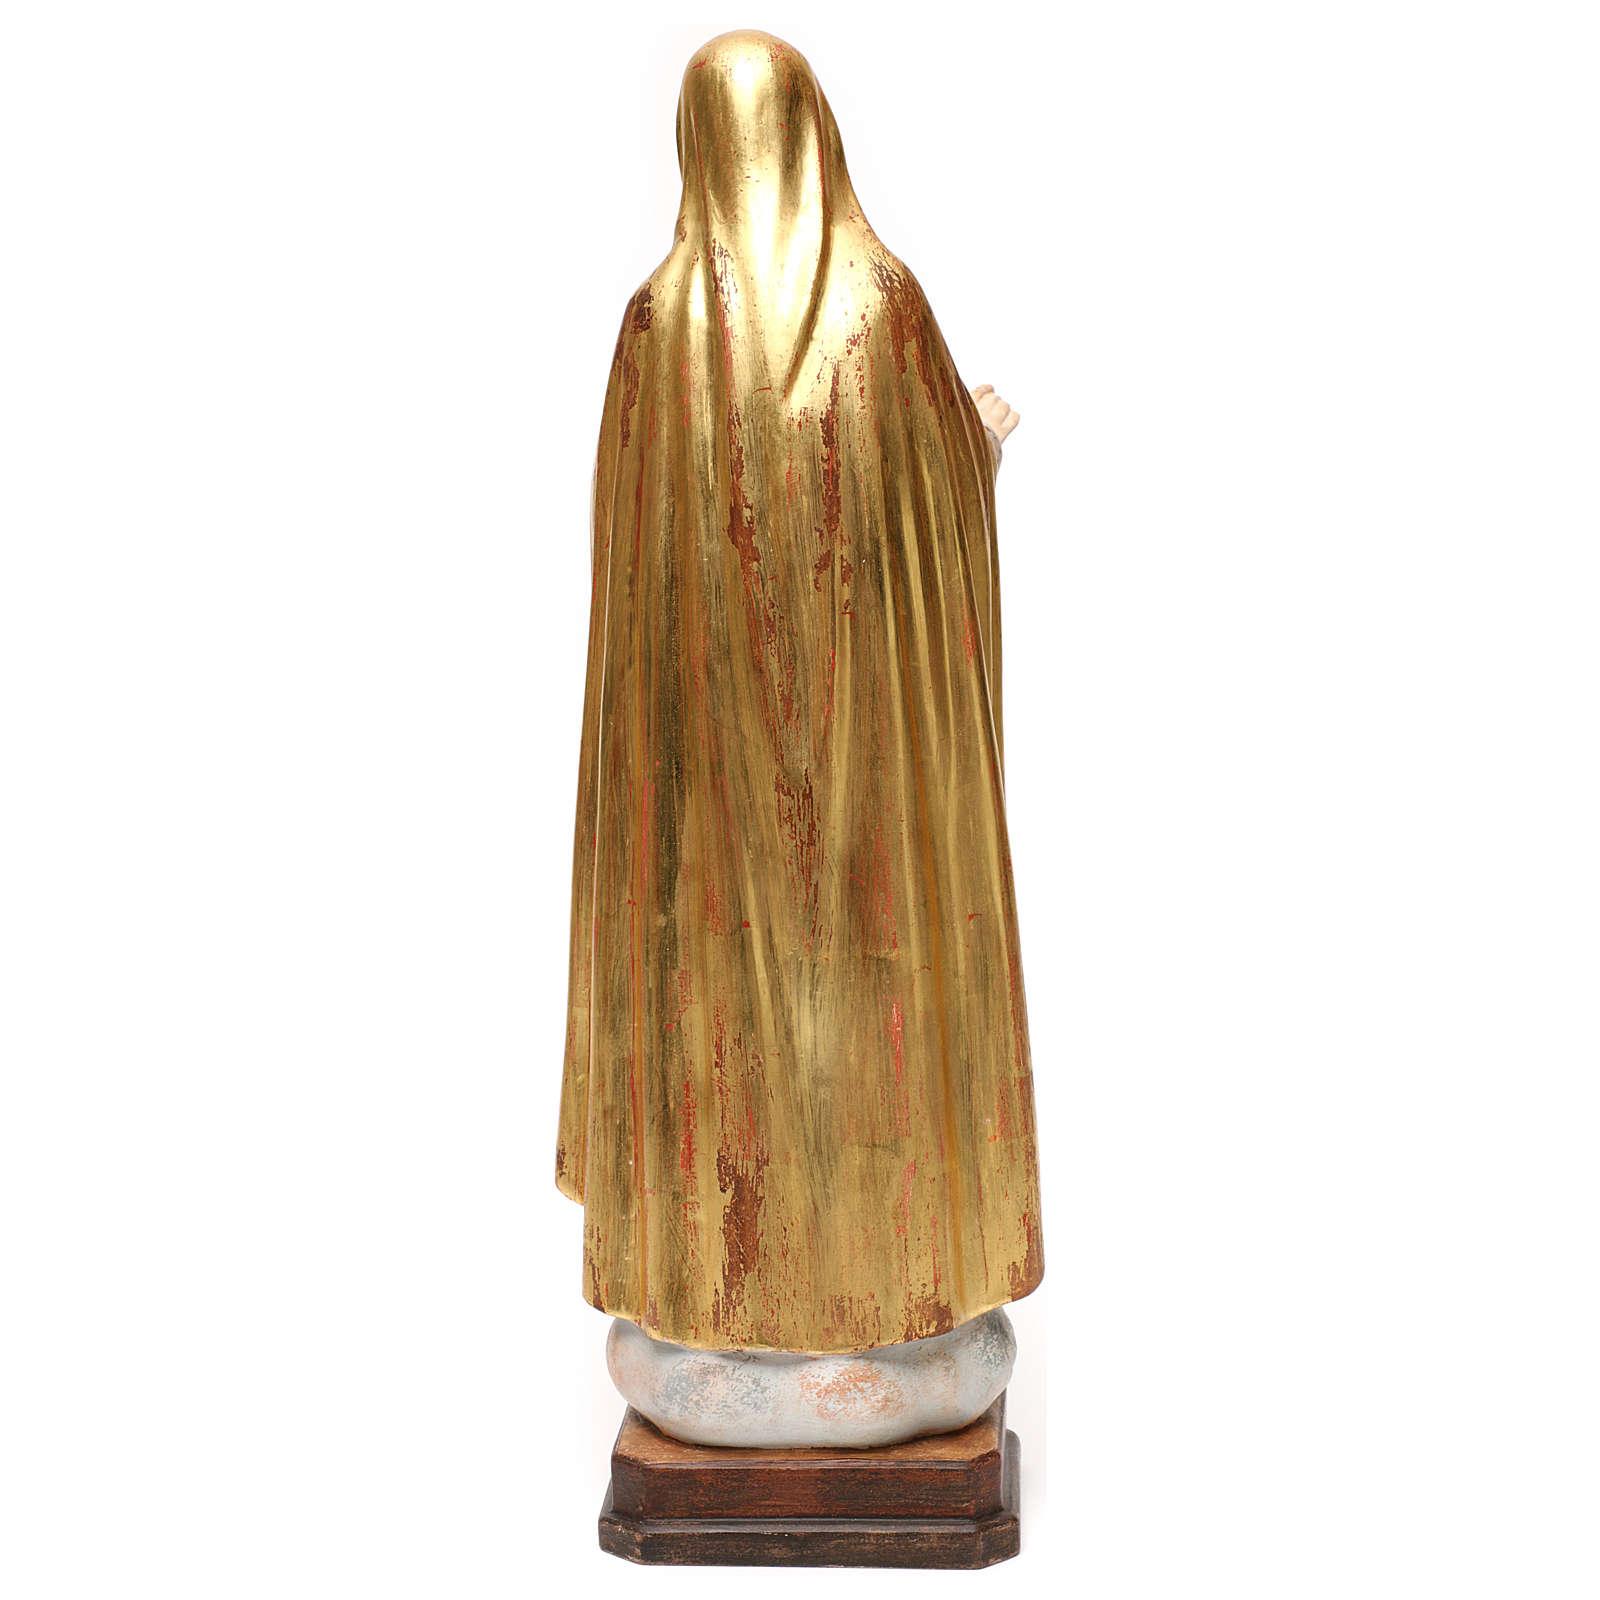 Imaculado Coração de Maria madeira Val Gardena ouro antigo capa prata 4